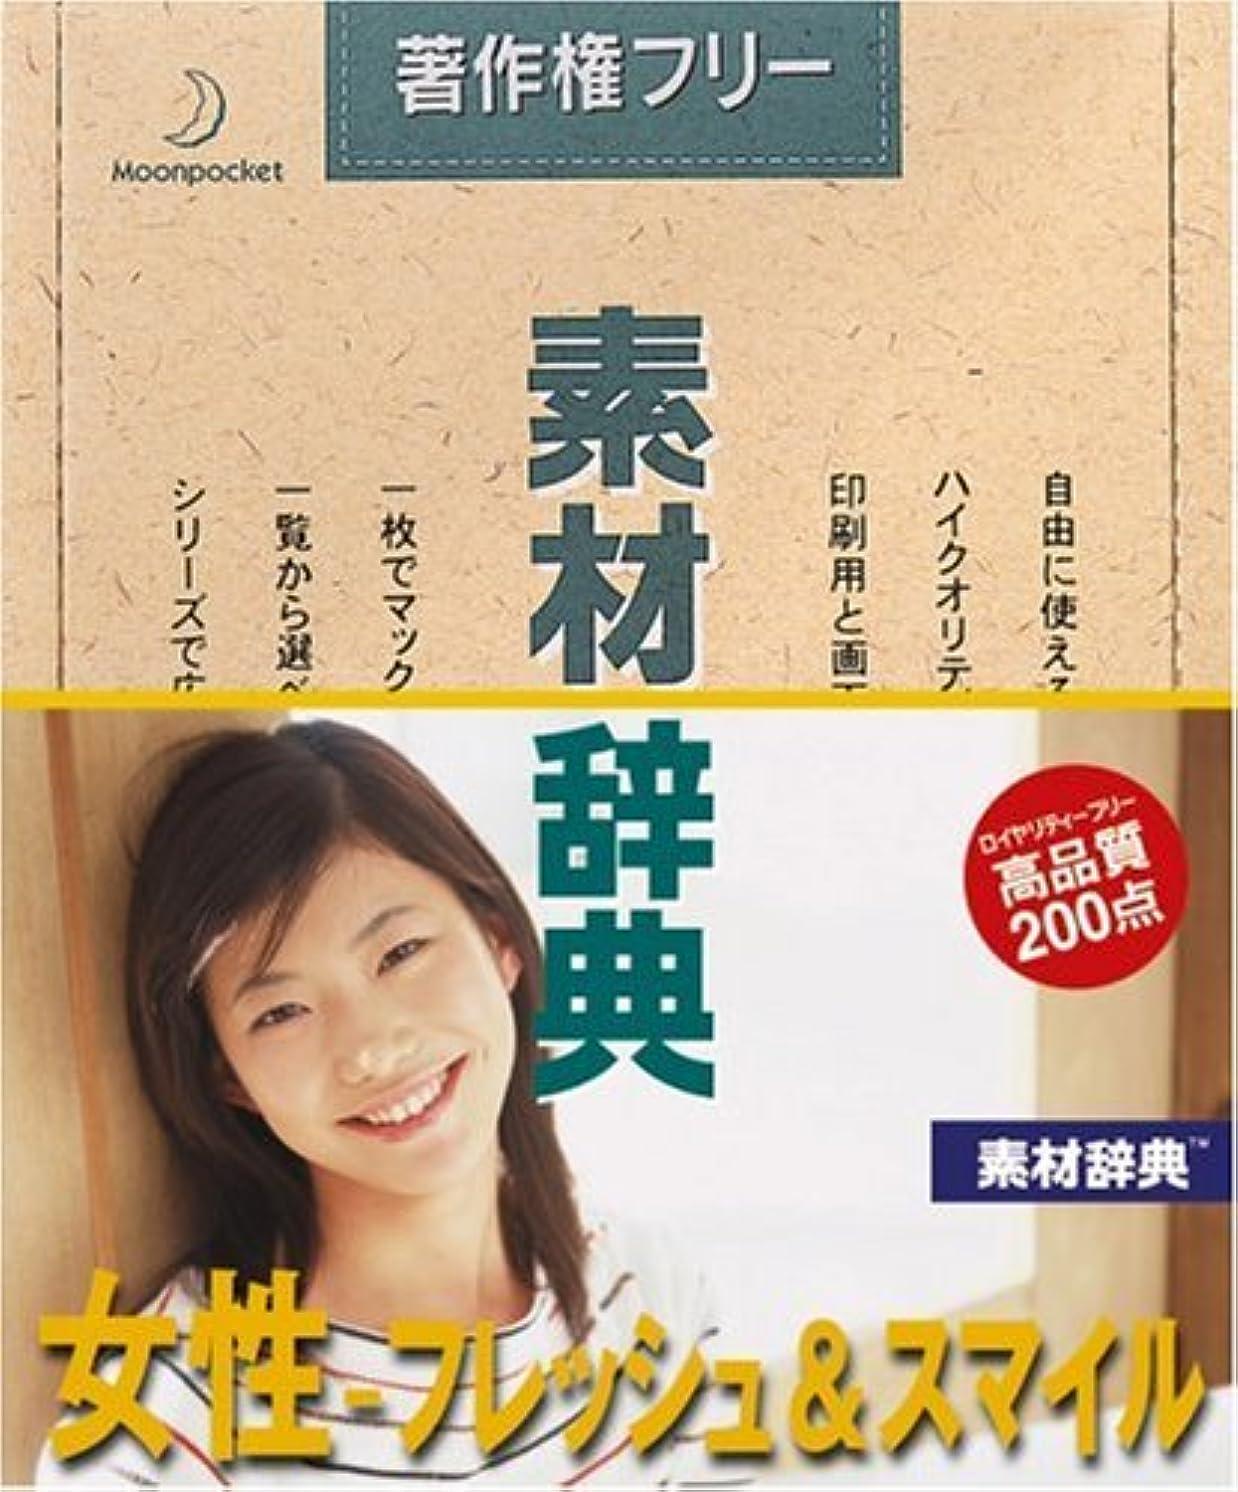 に慣れ怒る耐えられる素材辞典 Vol.142 女性~フレッシュ&スマイル編